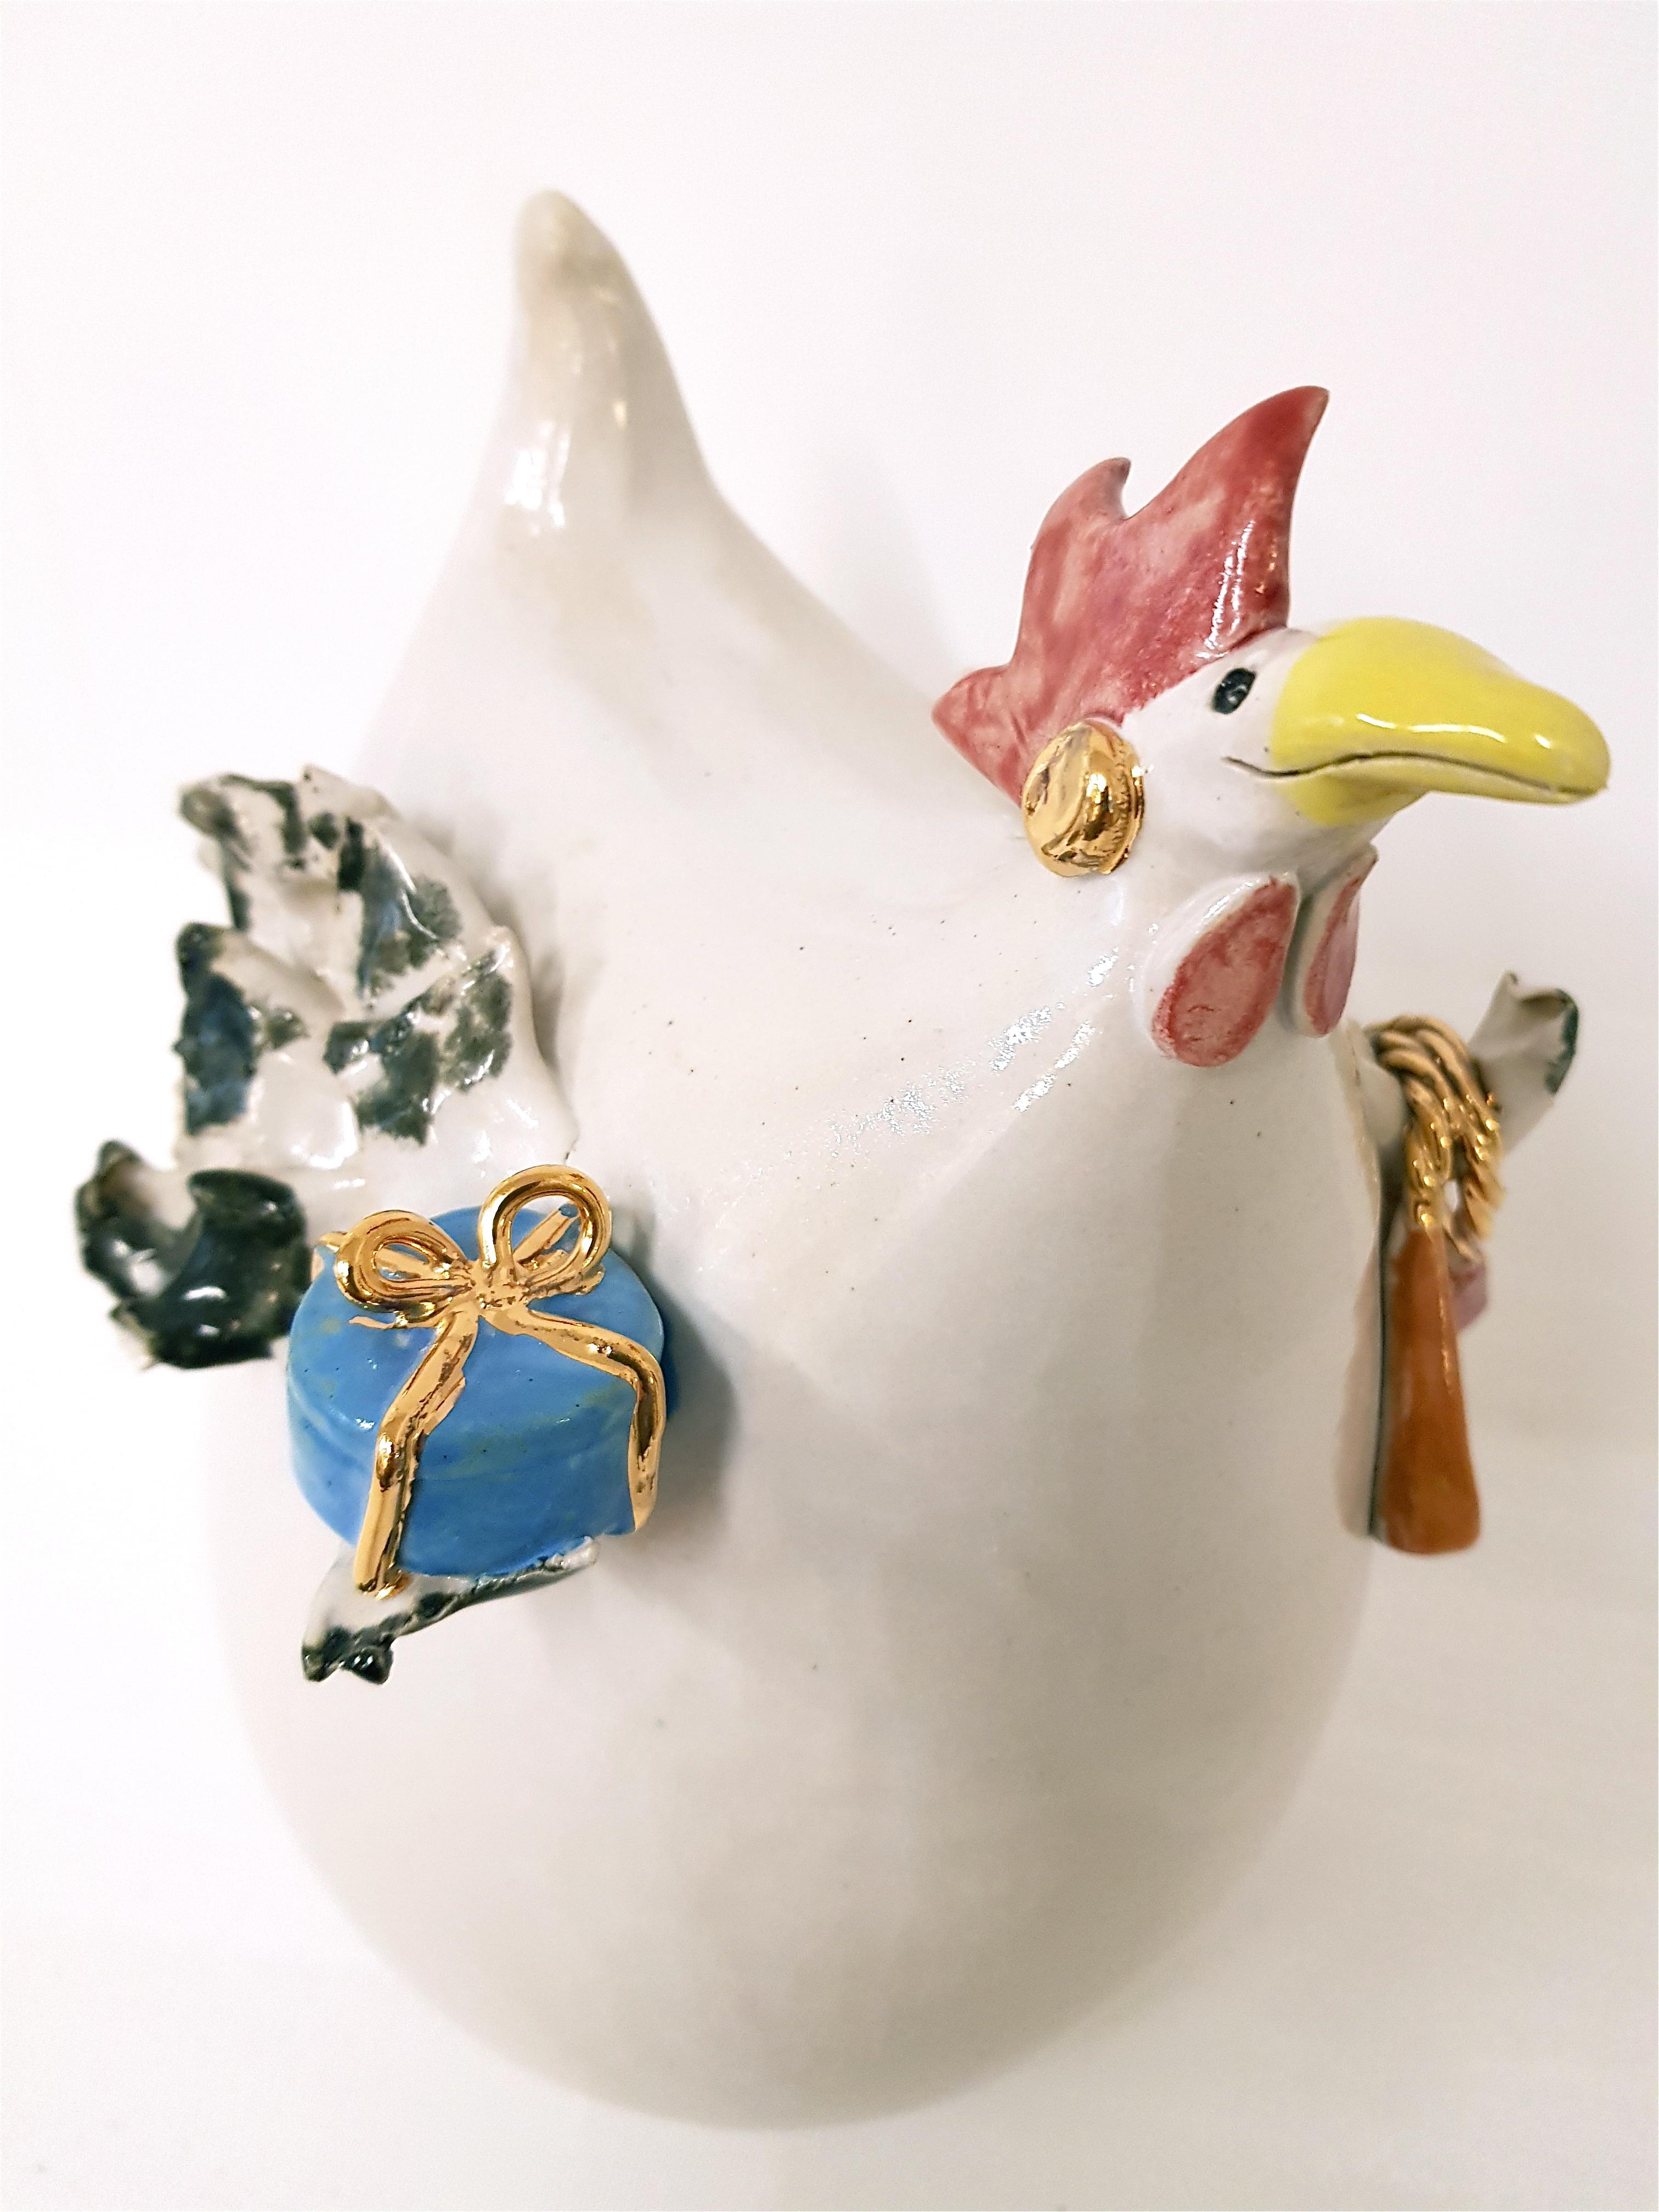 CARTIER NO. 1 Keramikhuhn, Unikat, Keramik, Crazy Chick, la ceramica, Basel